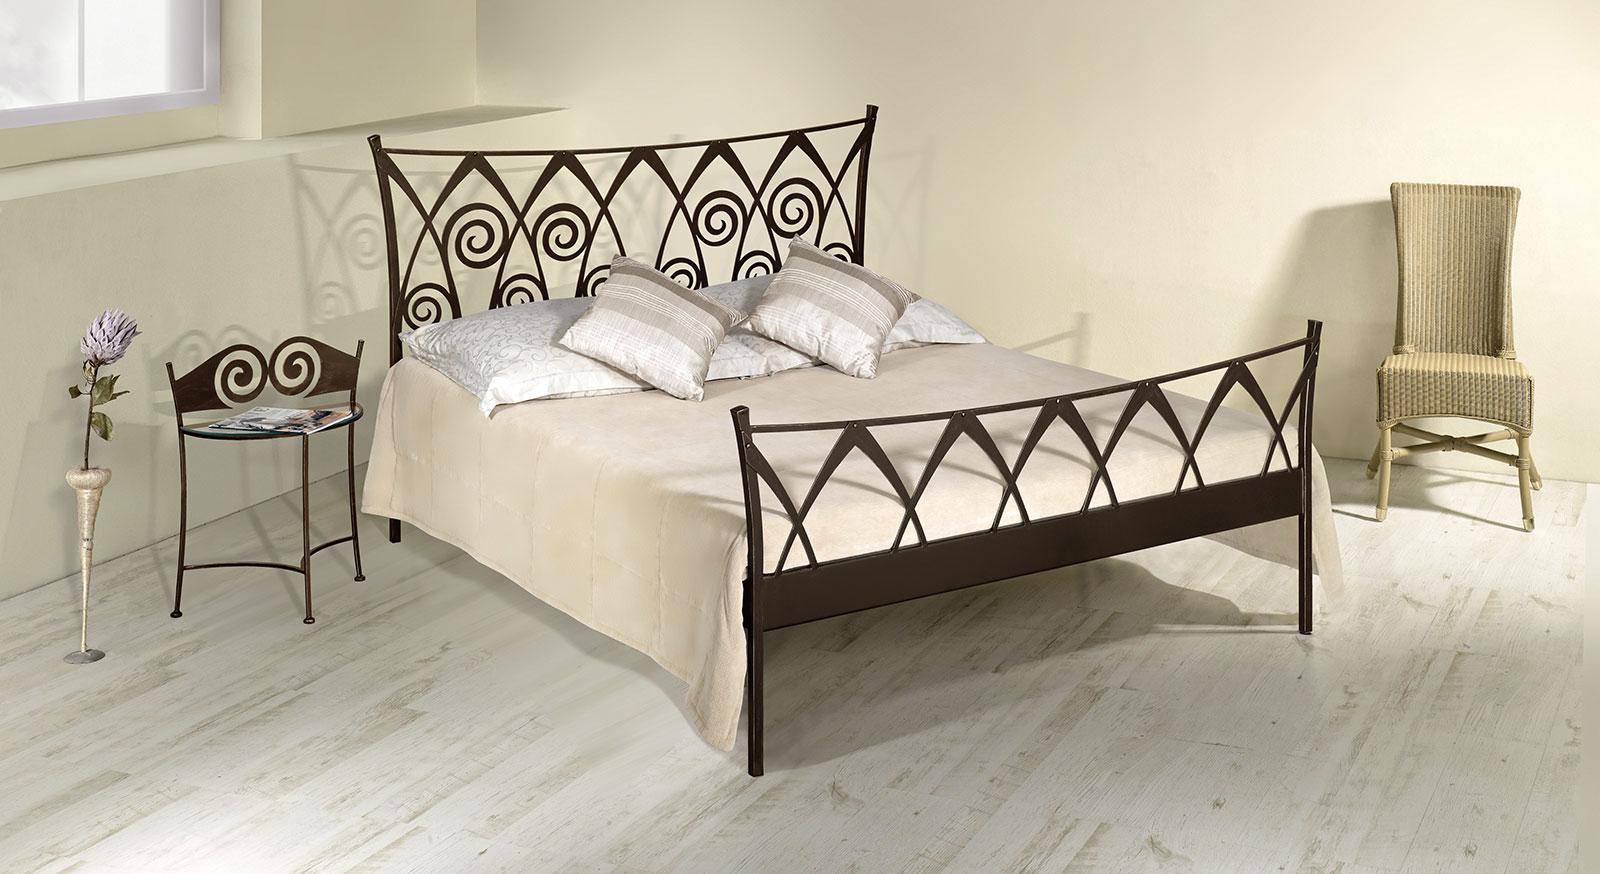 Doppelbett Trojan aus Eisen in Braun, gold-gewischt